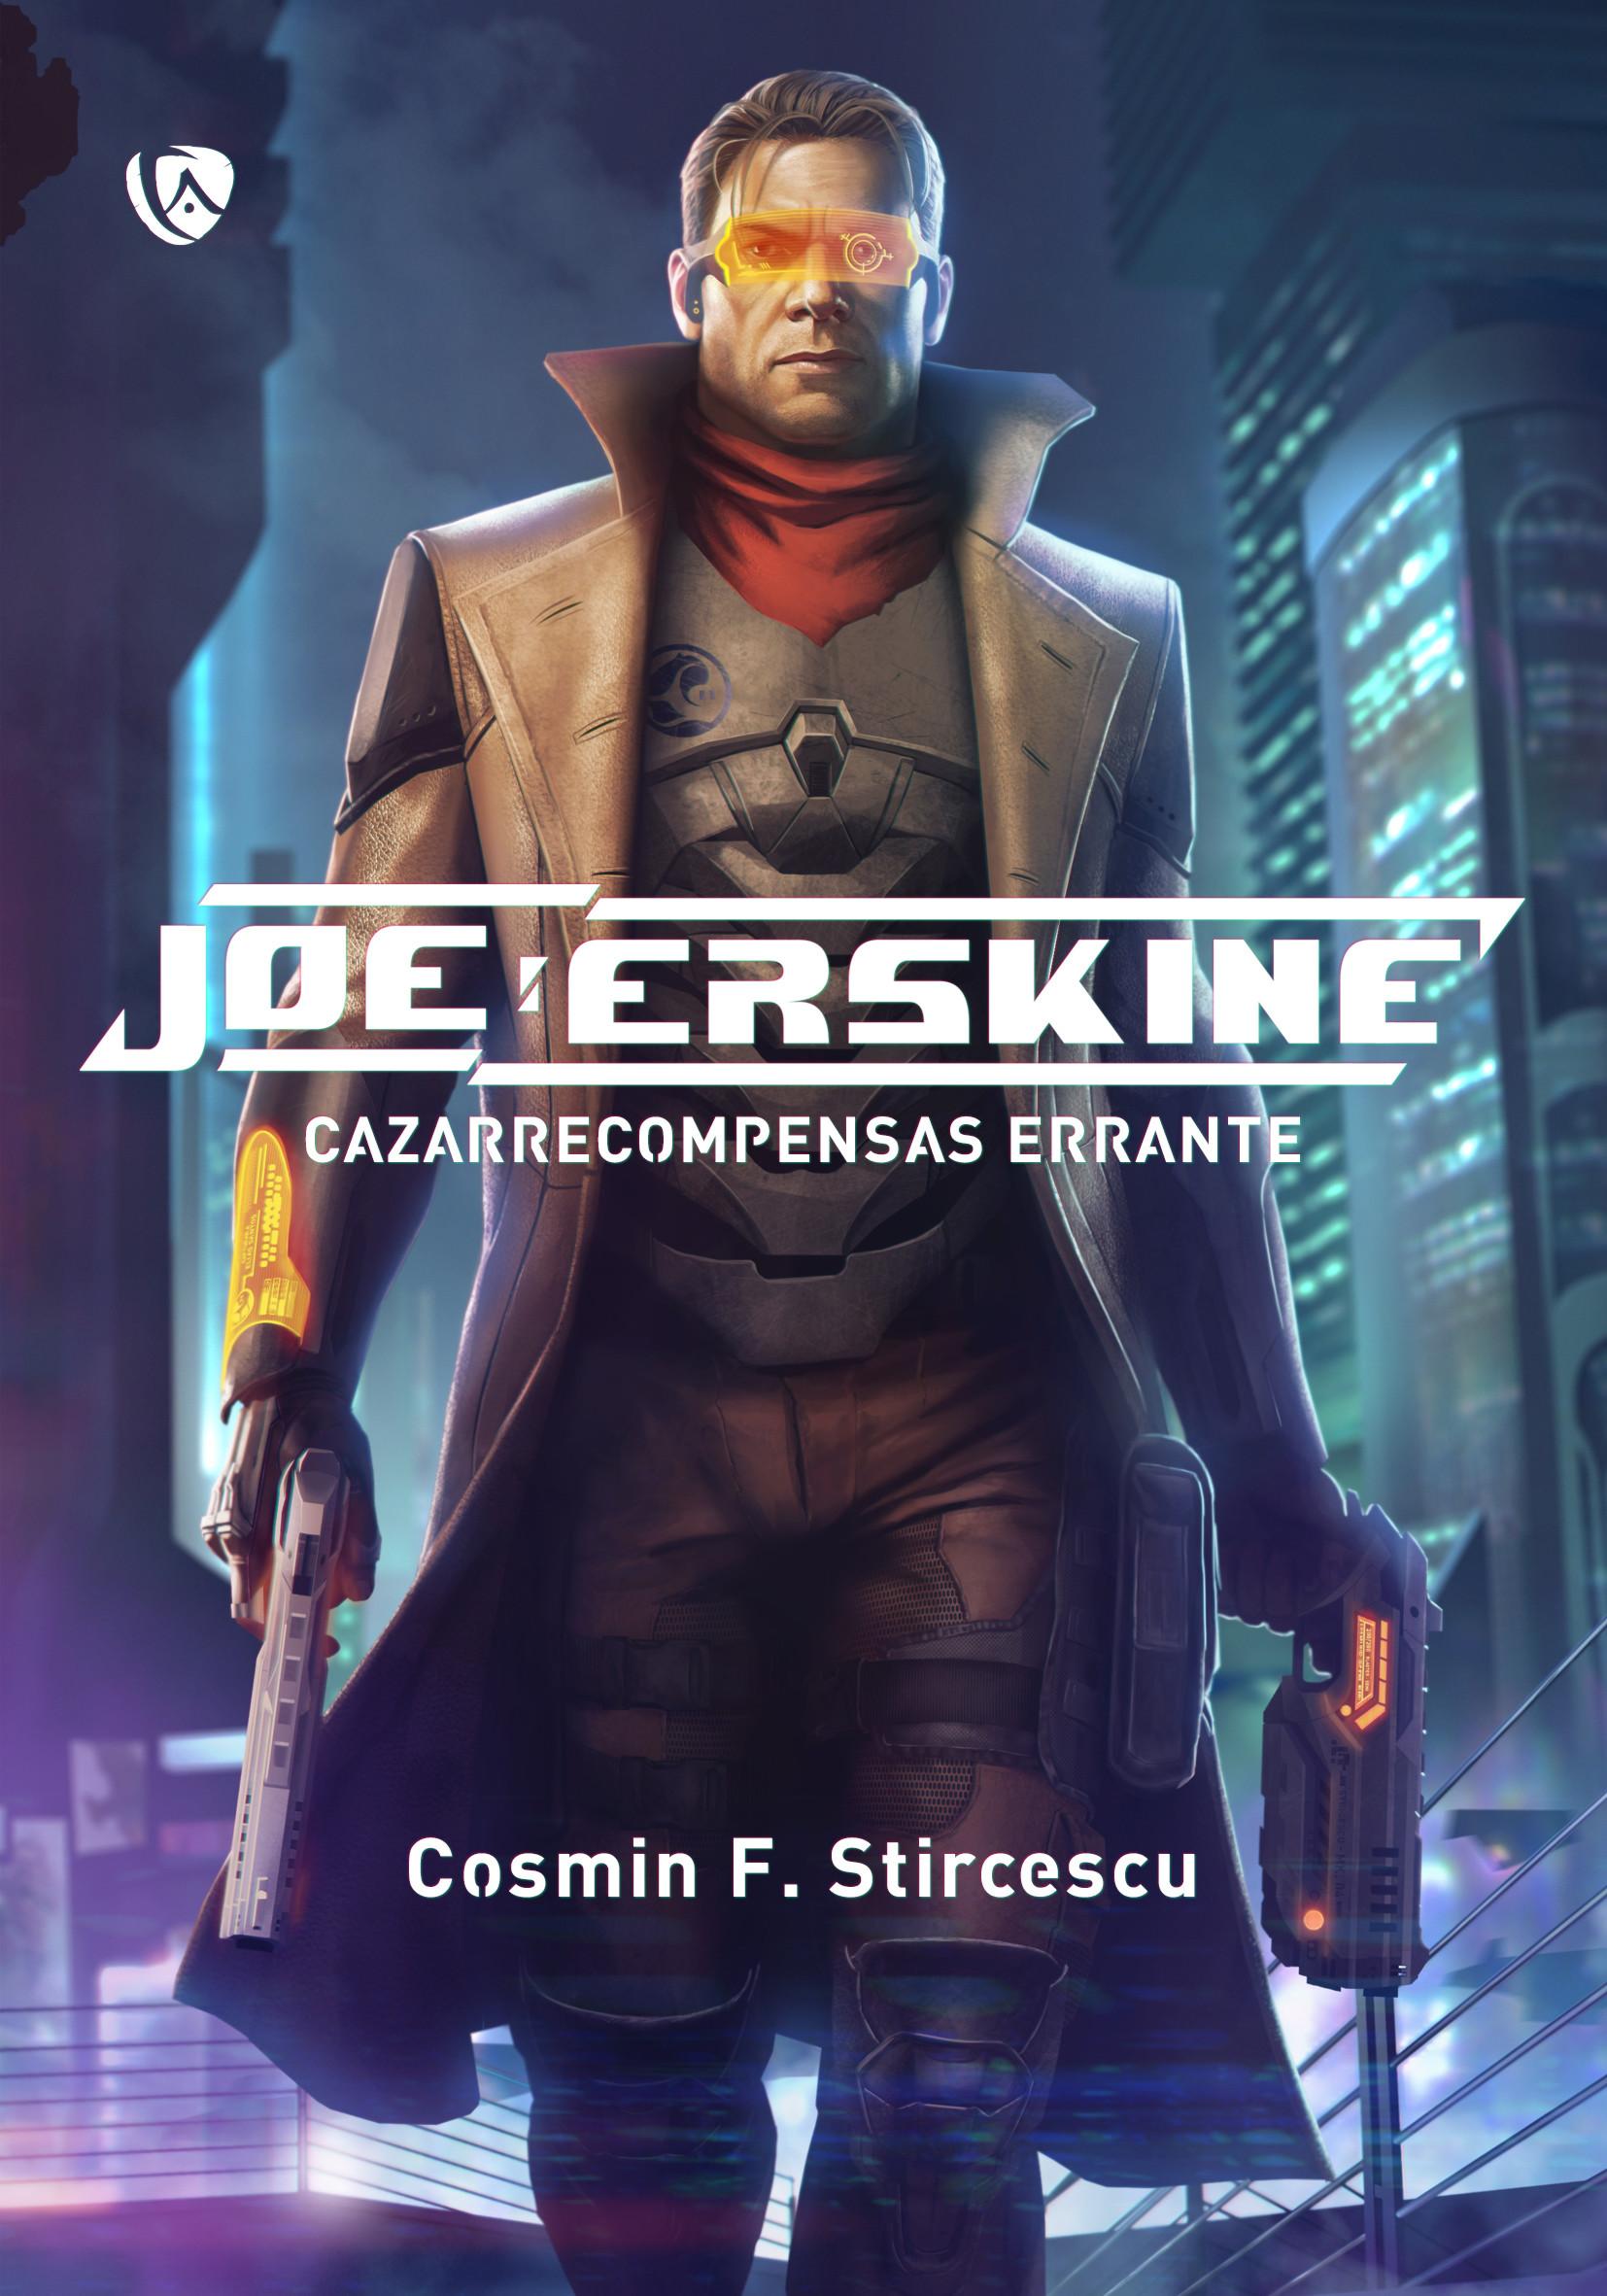 Cover in Spanish